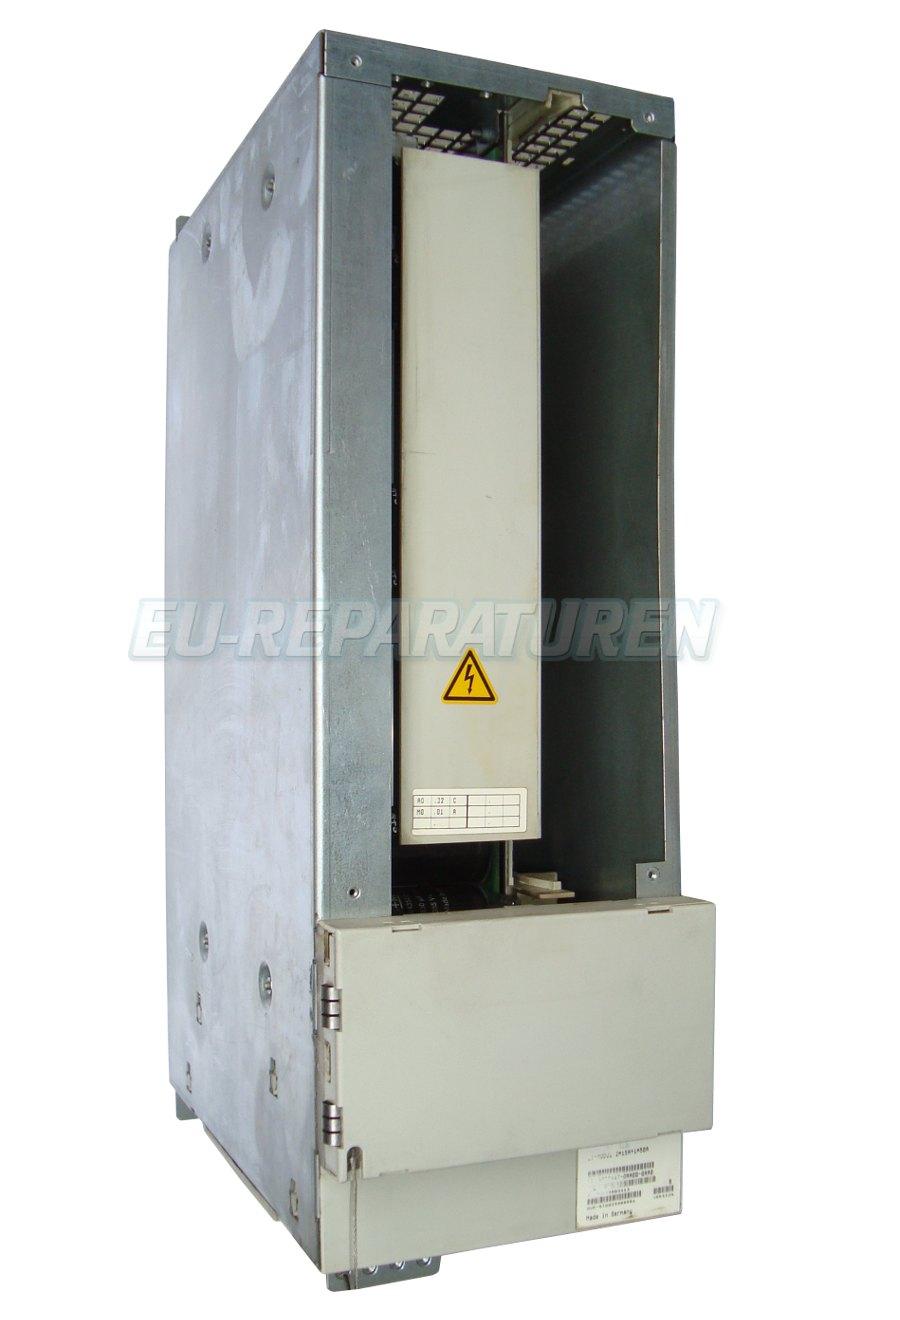 Reparatur Siemens 6FC5447-0AA00-0AA0 AC DRIVE